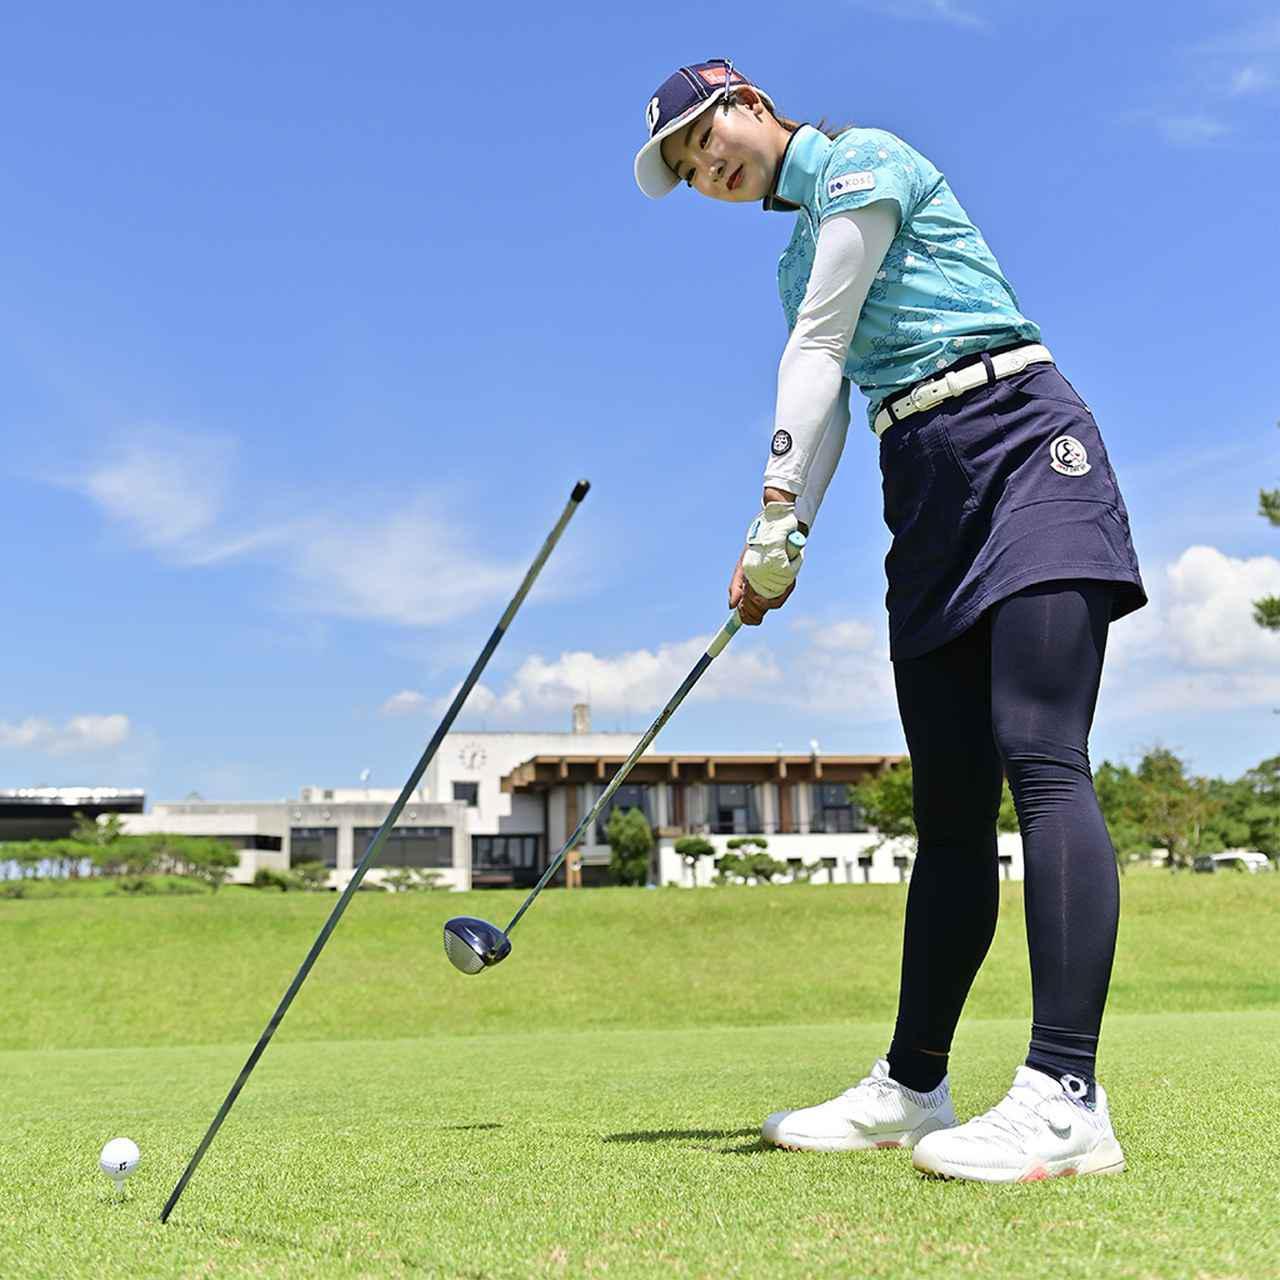 画像: ゴルフのスウィングでは上体が前傾しているため、目線も傾きを持っている。左に顔を向けるということは、「左上方」を見るということ。目標方向を見ると右肩が下がる。